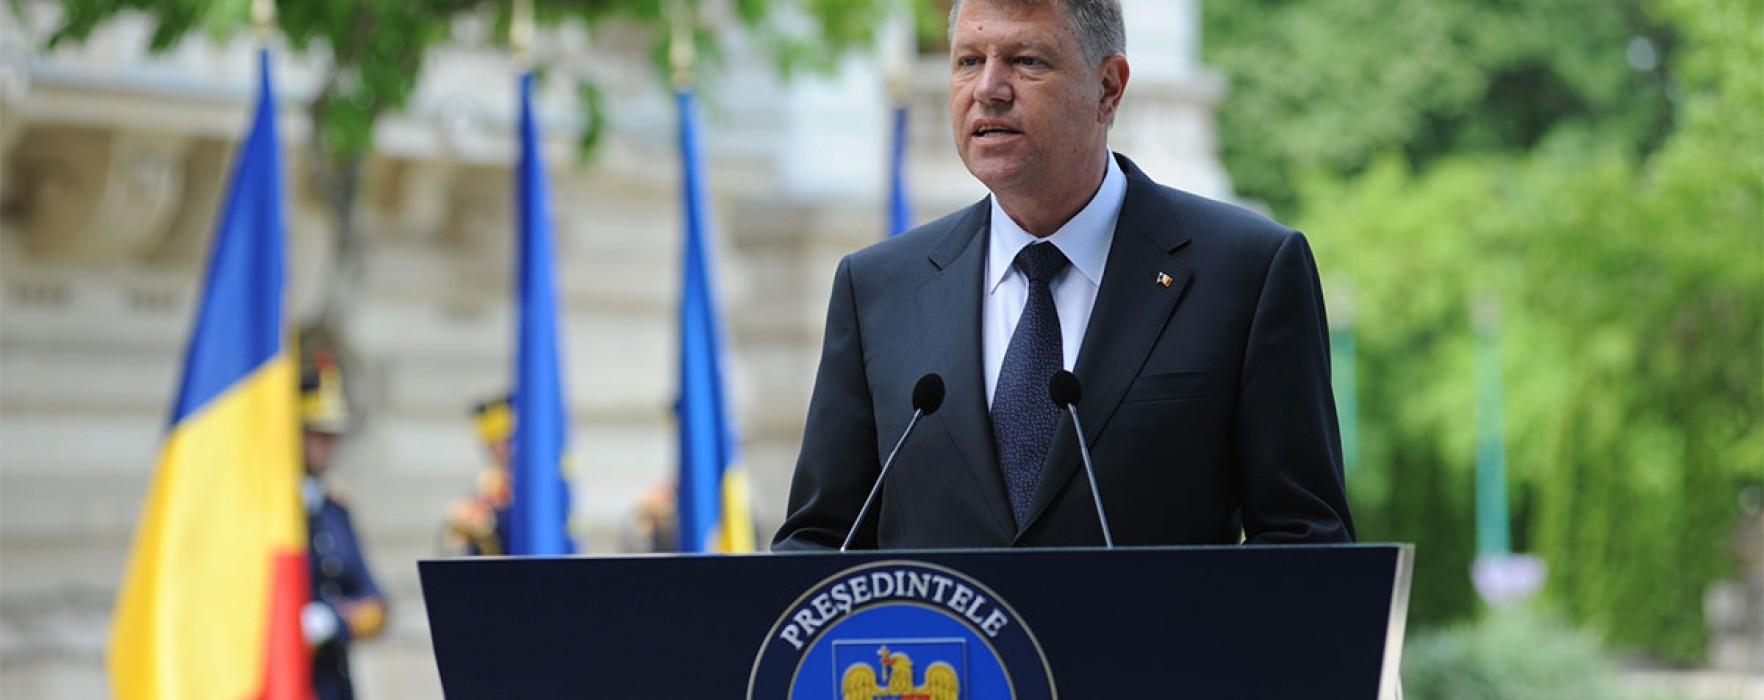 PNL Dâmboviţa: Aproape 80.000 de semnături strânse în judeţ pentru Klaus Iohannis